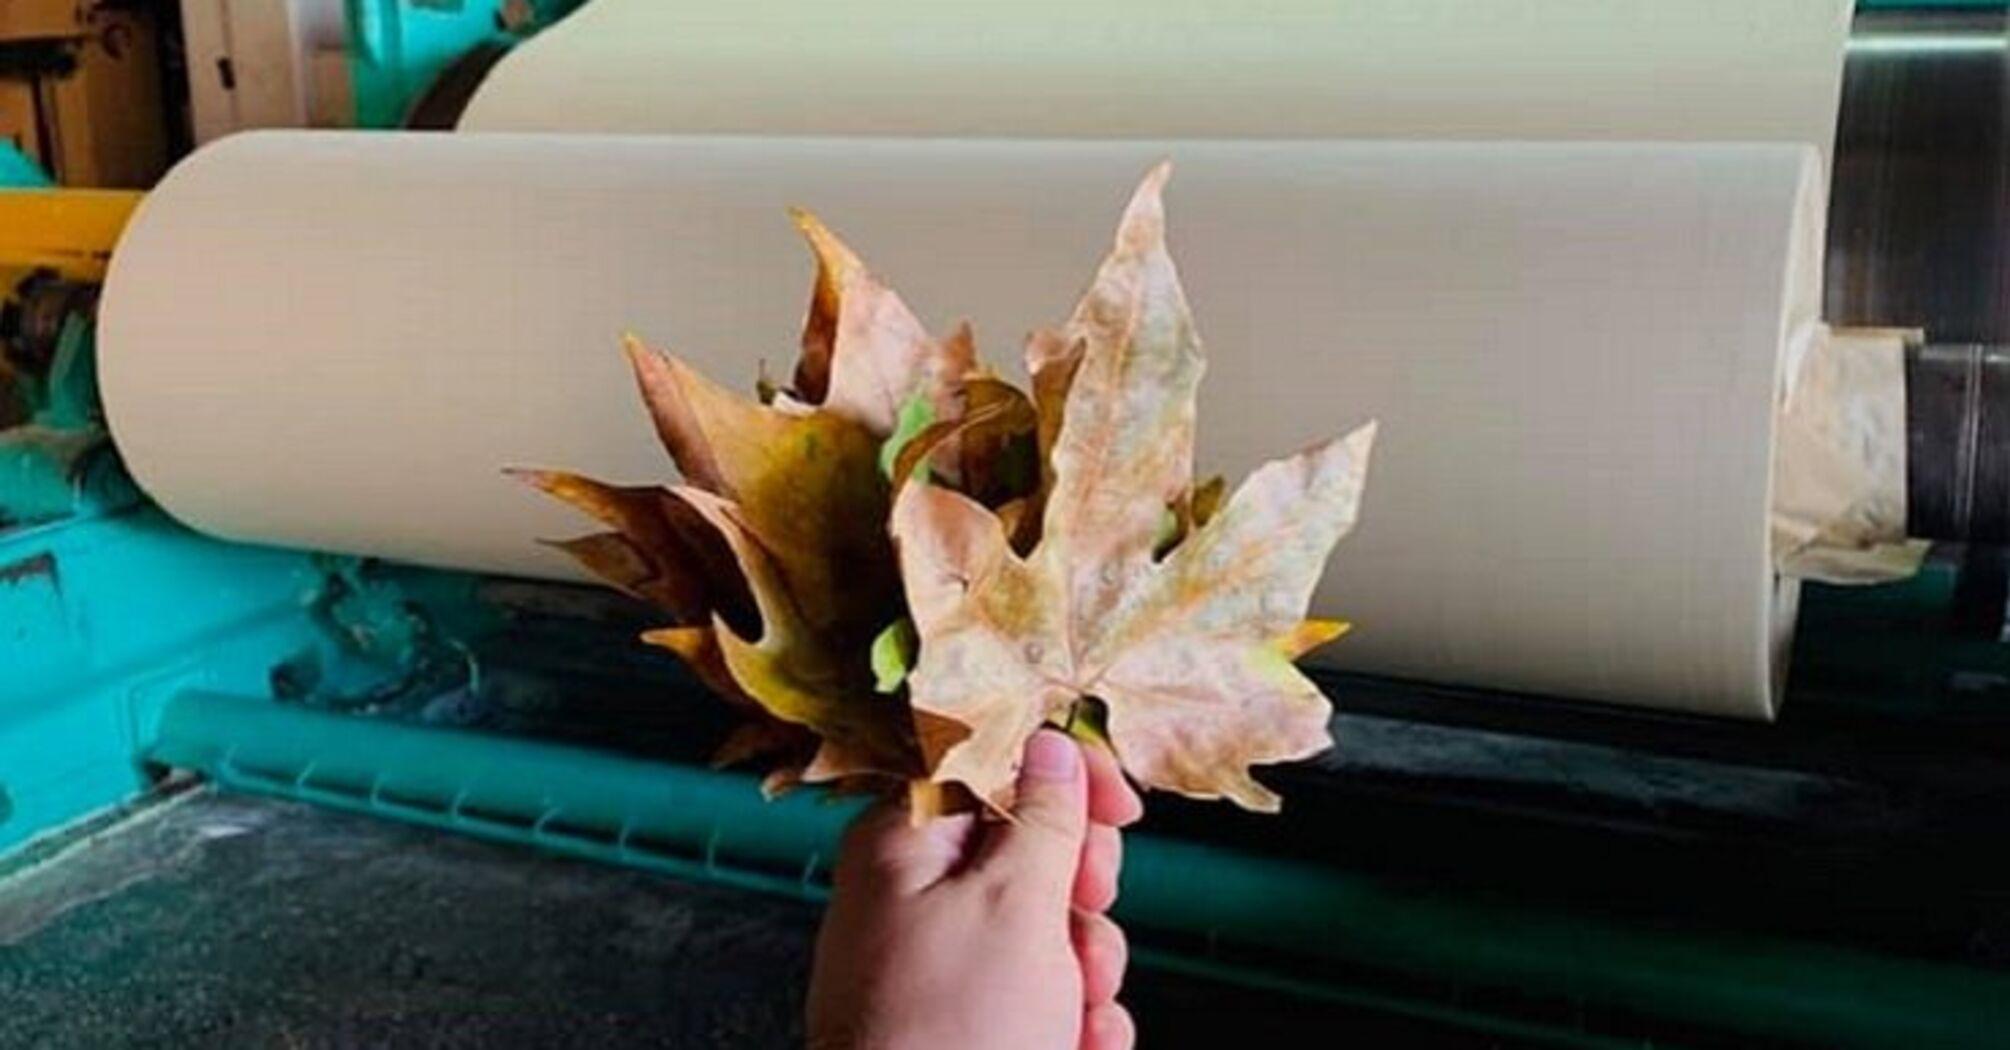 Український стартап випустив першу велику партію паперу з опалого листя